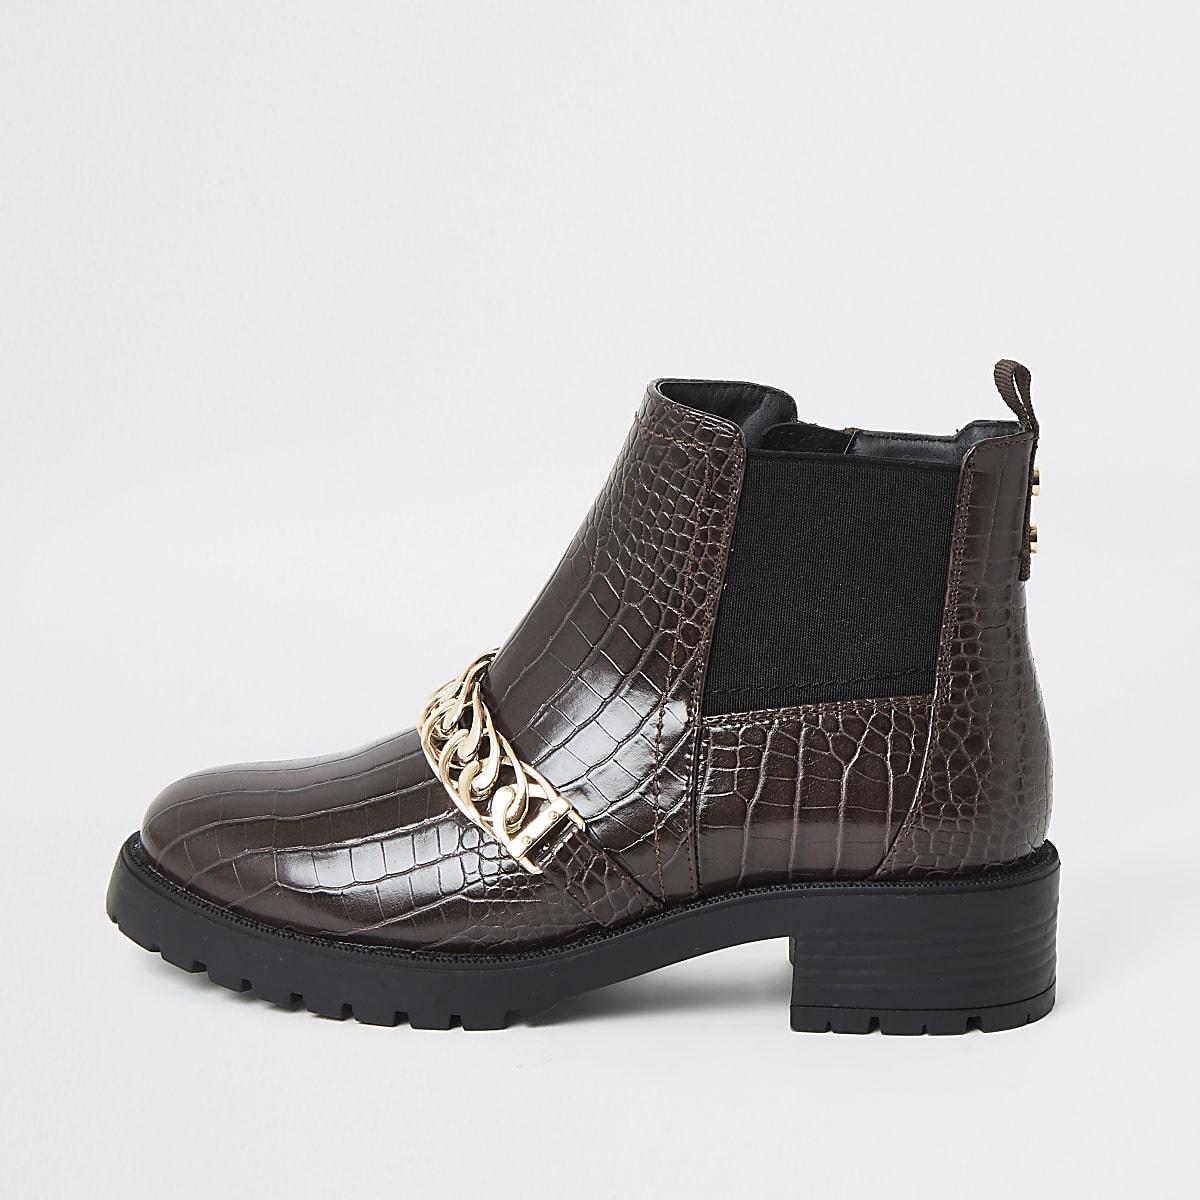 Donkerbruine laarzen met krokodillen reliëf en ketting bandjes